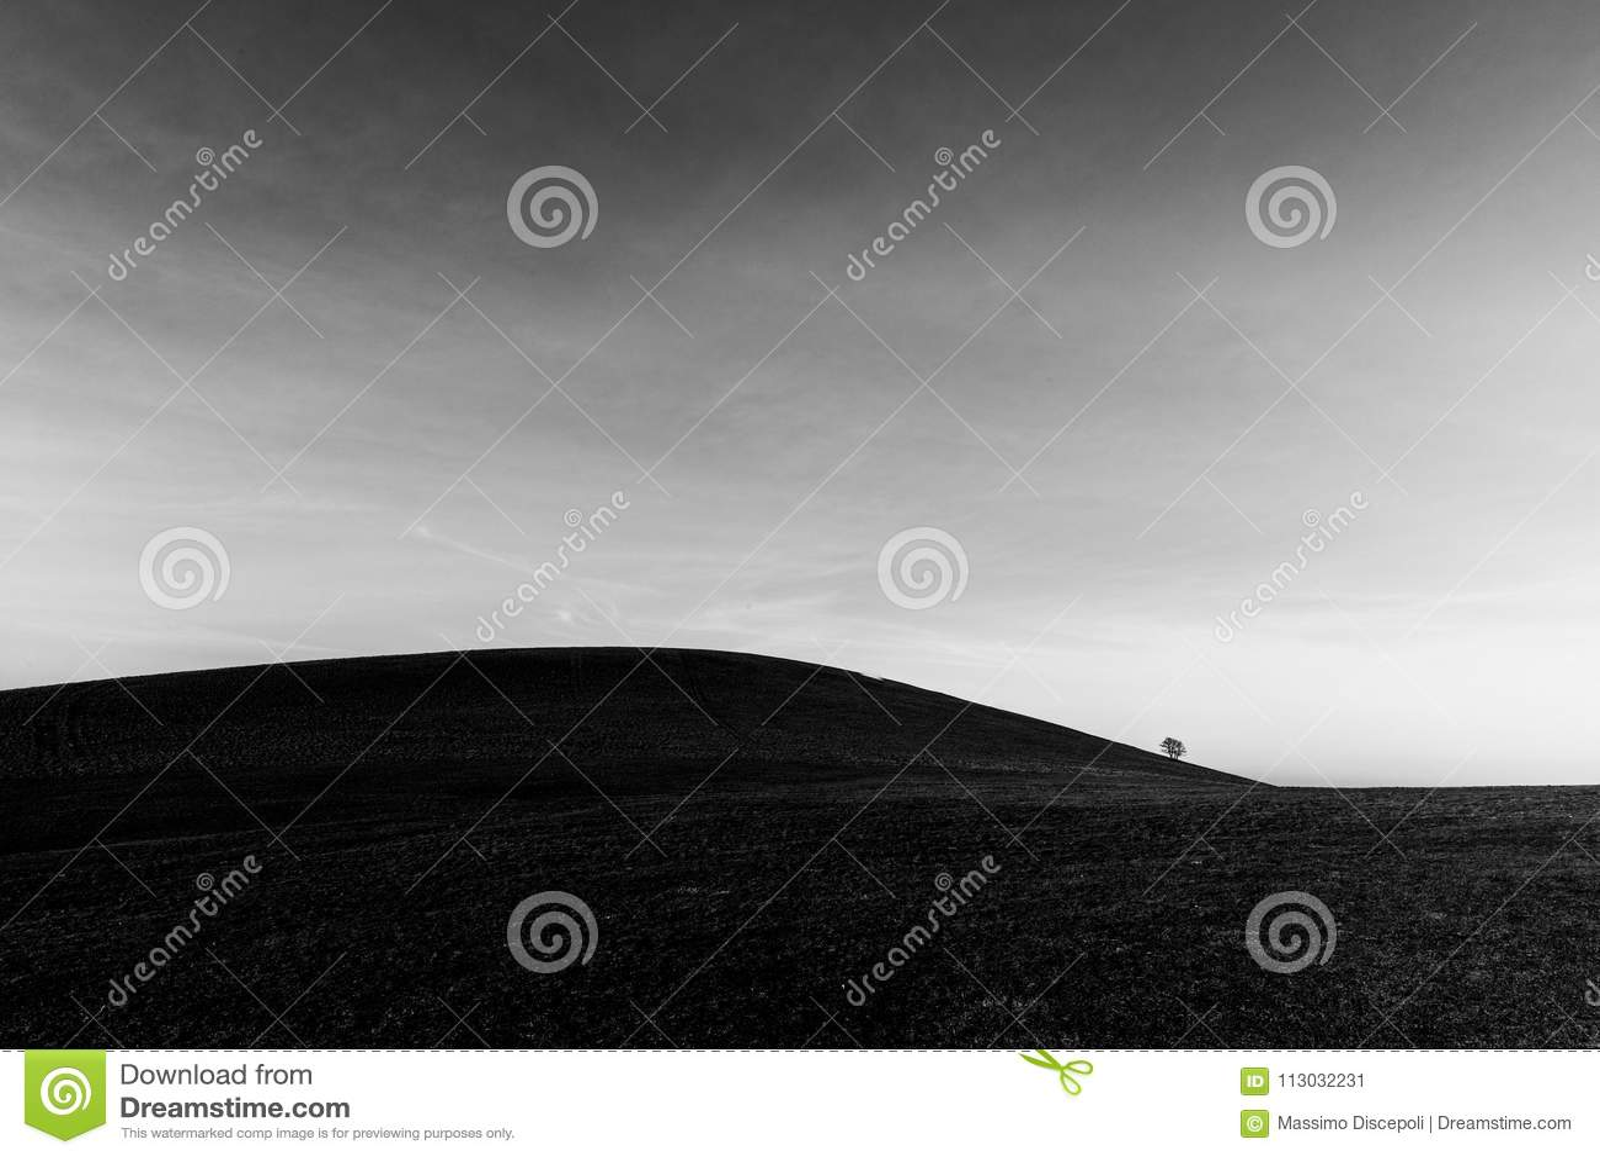 Un árbol distante, solo en una colina desnuda, debajo de un cielo profundo con las nubes blancas